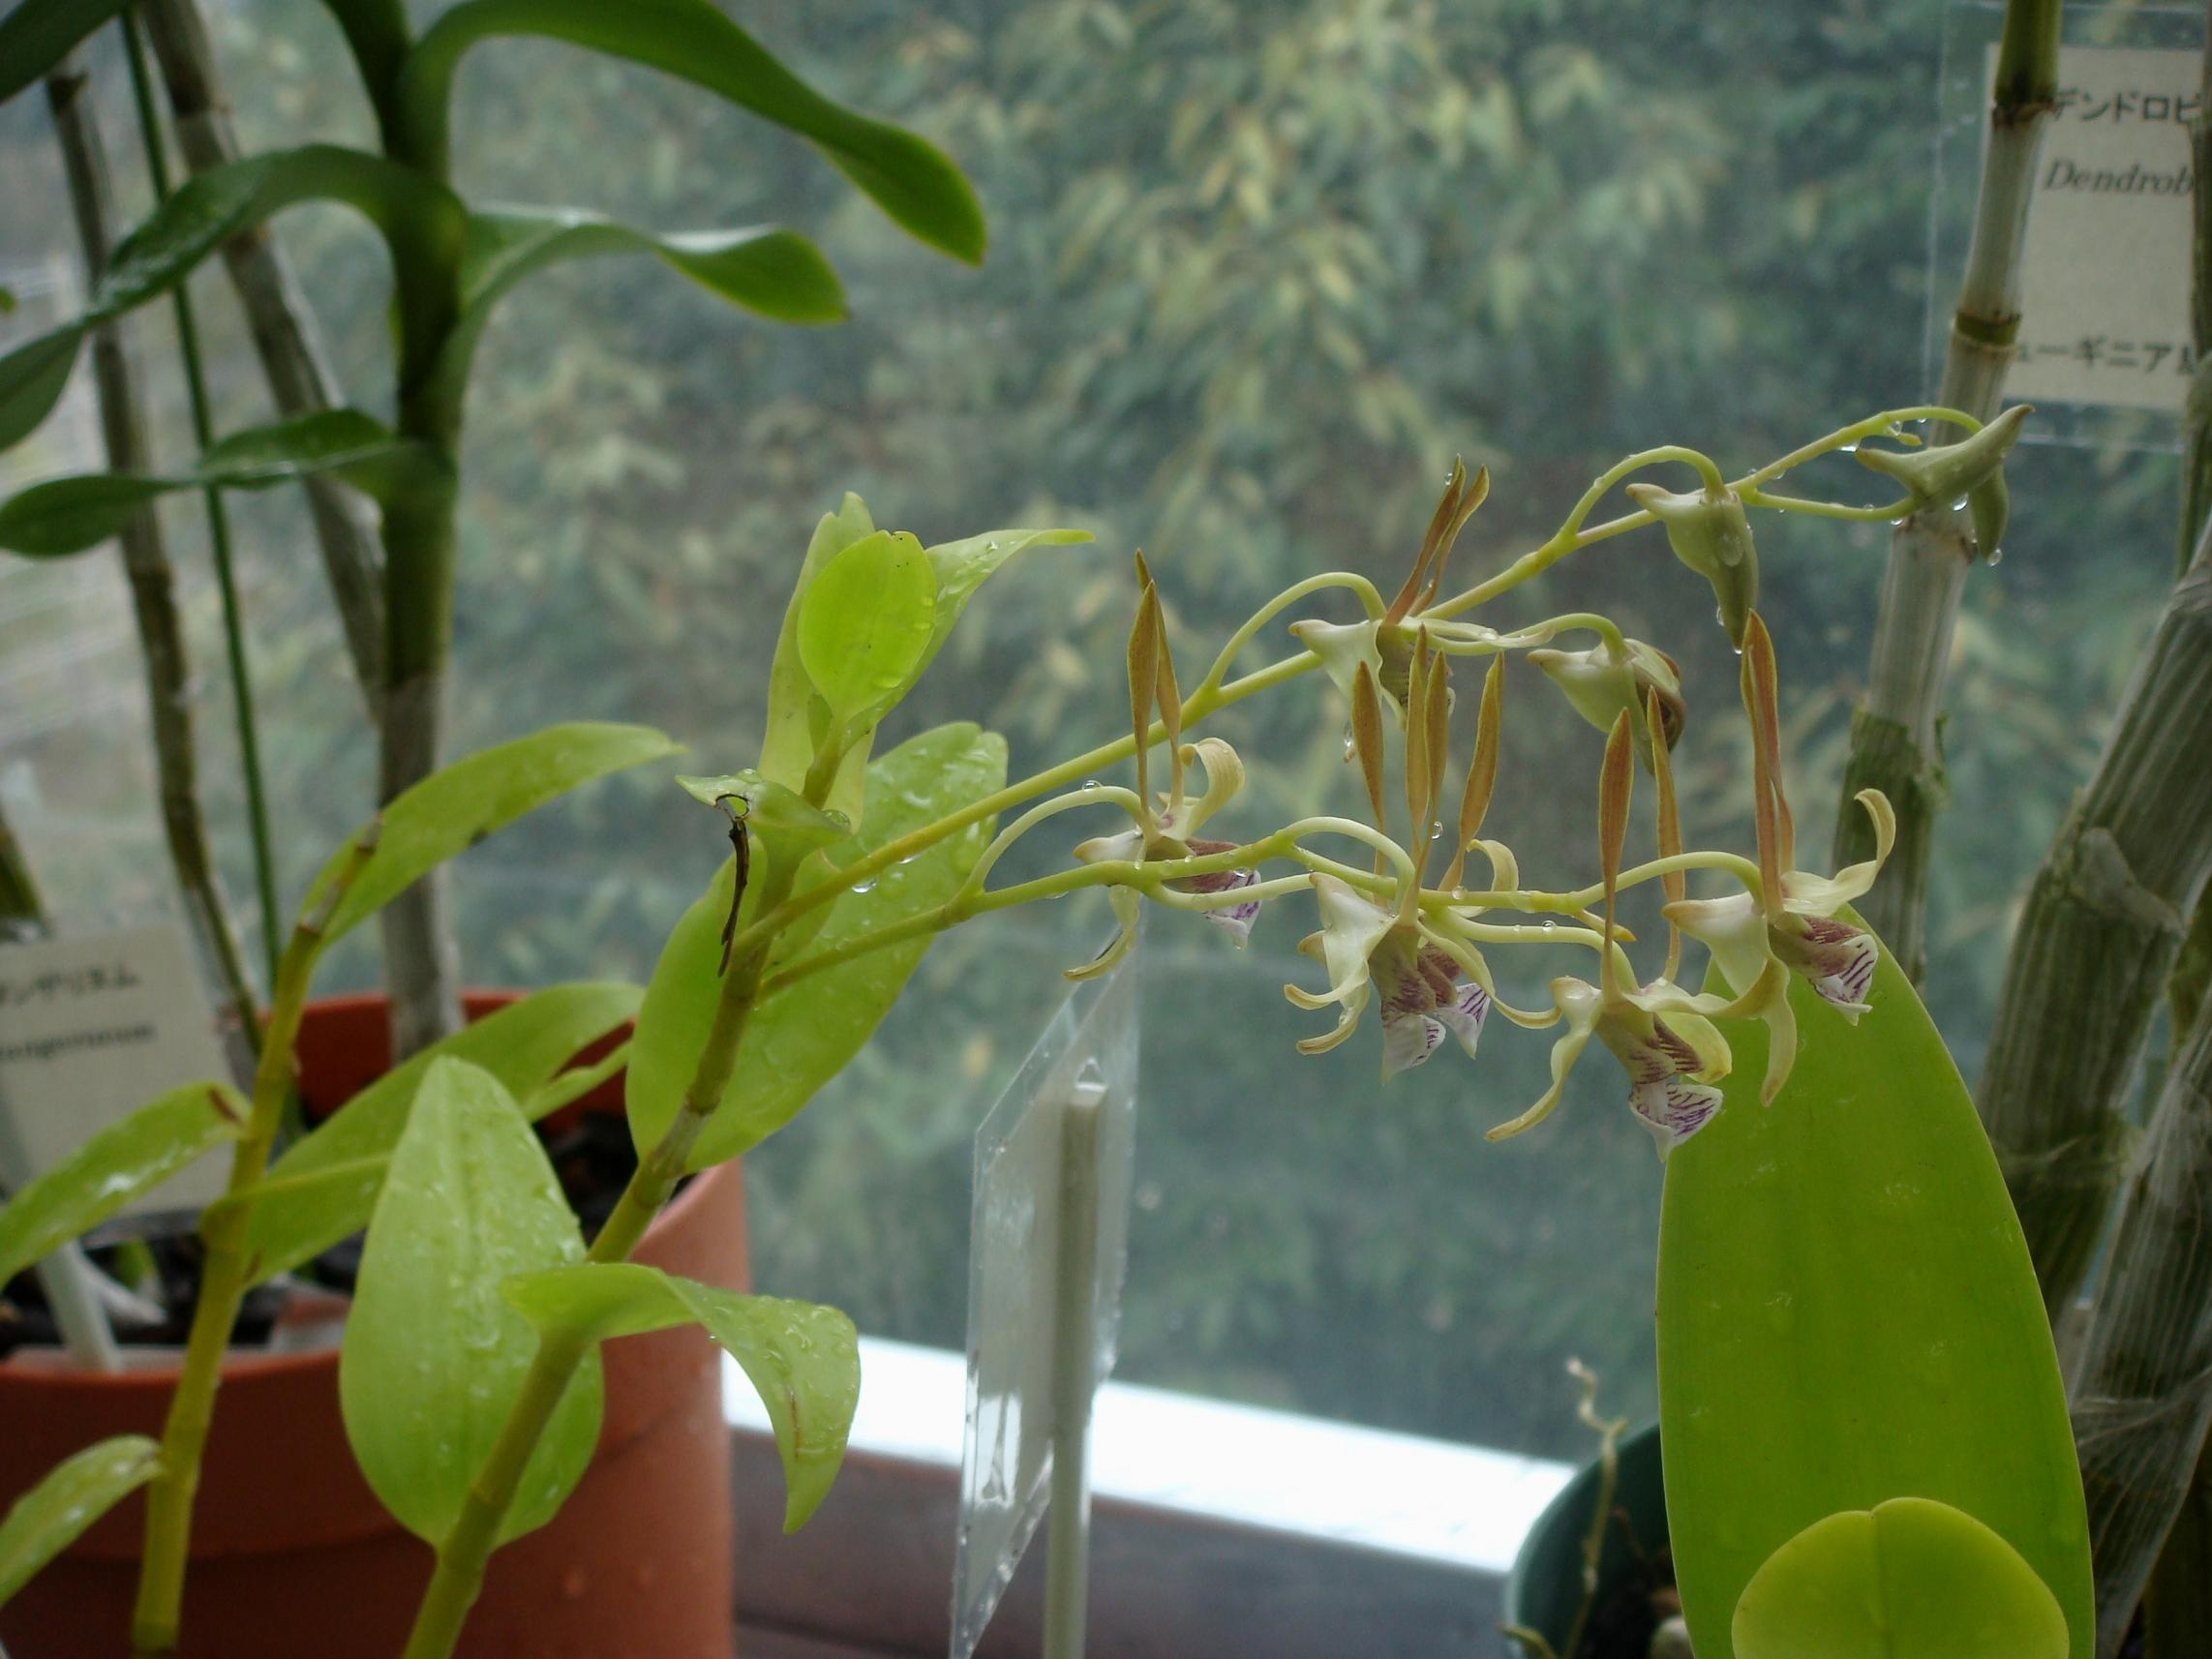 http://orchids.la.coocan.jp/Dendrobium/Dendrobium%20bicaudatum/DSC09794.JPG